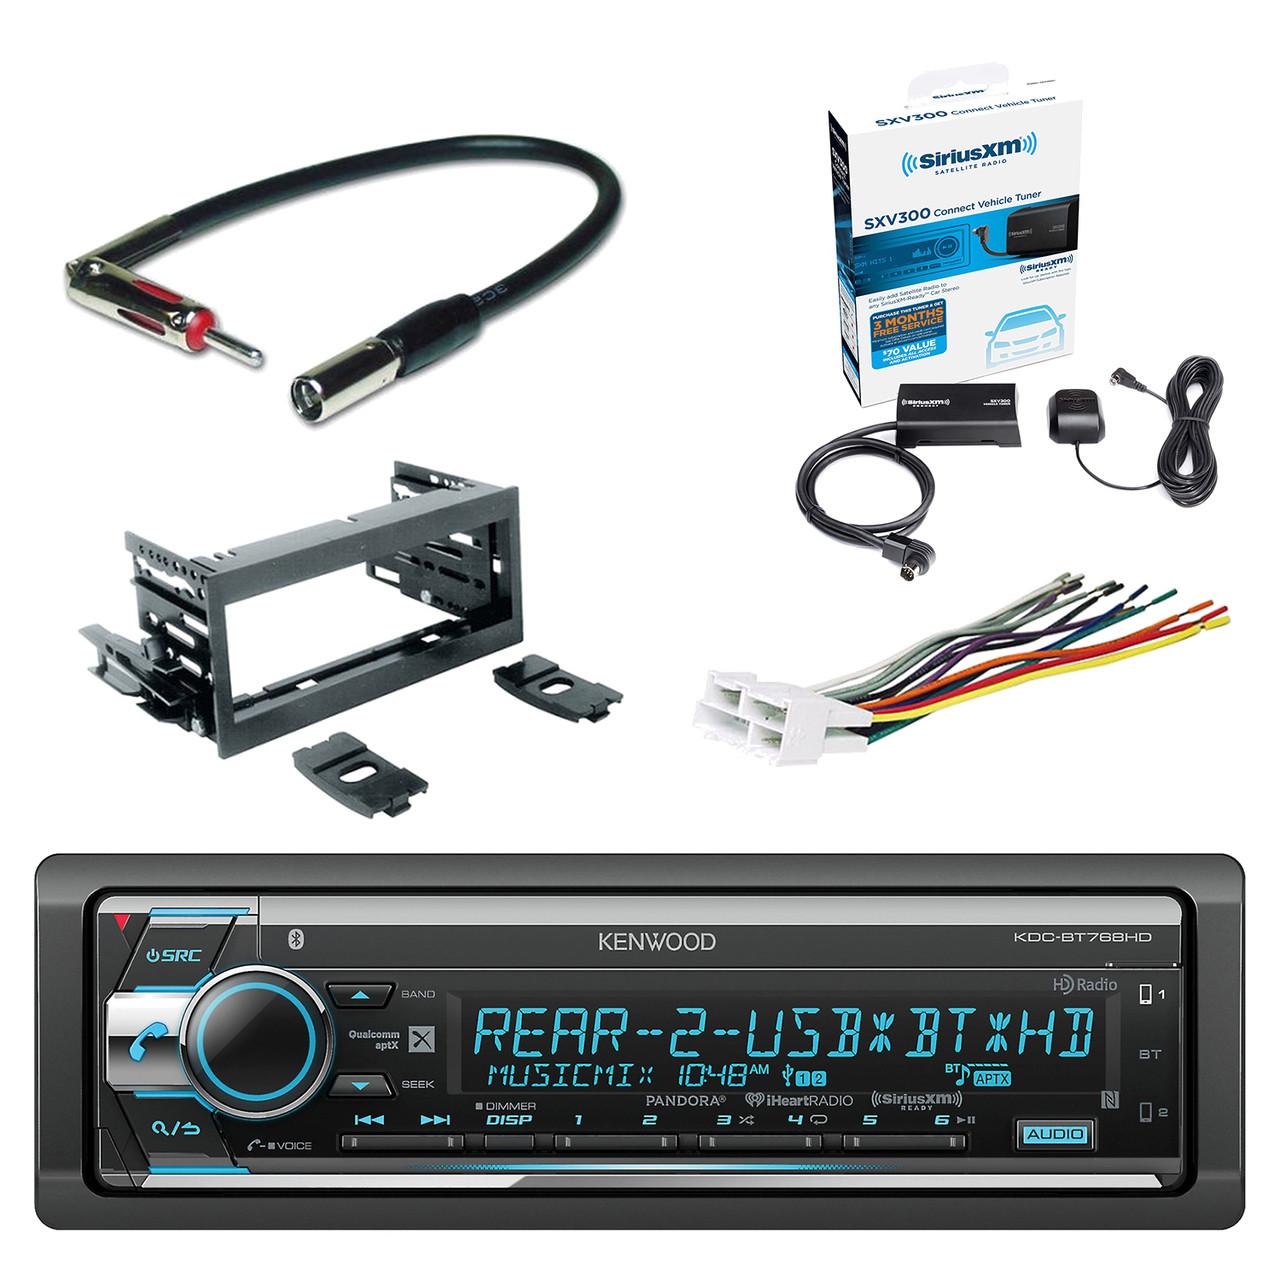 Kenwood Single Din CD/AM/FM Car Audio Receiver with Bluetooth SiriusXM  Satellite Radio Vehicle Tuner Kit, Scosche Dash Kit, Scosche GM Micro/Delco  Antenna ...